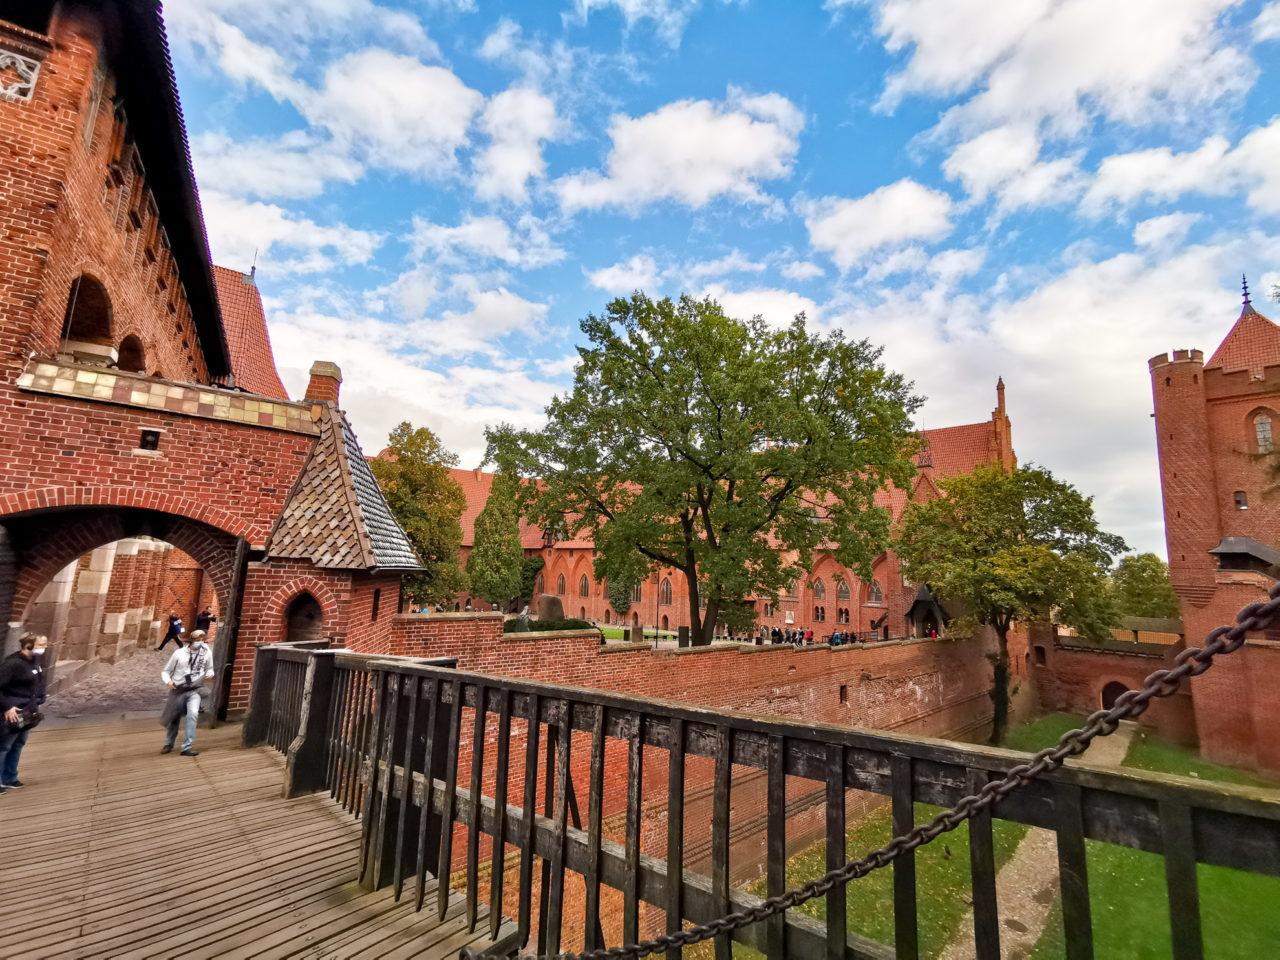 2020-10-09_13-38-43_Marienburg_IMG_20201009_133839-1600